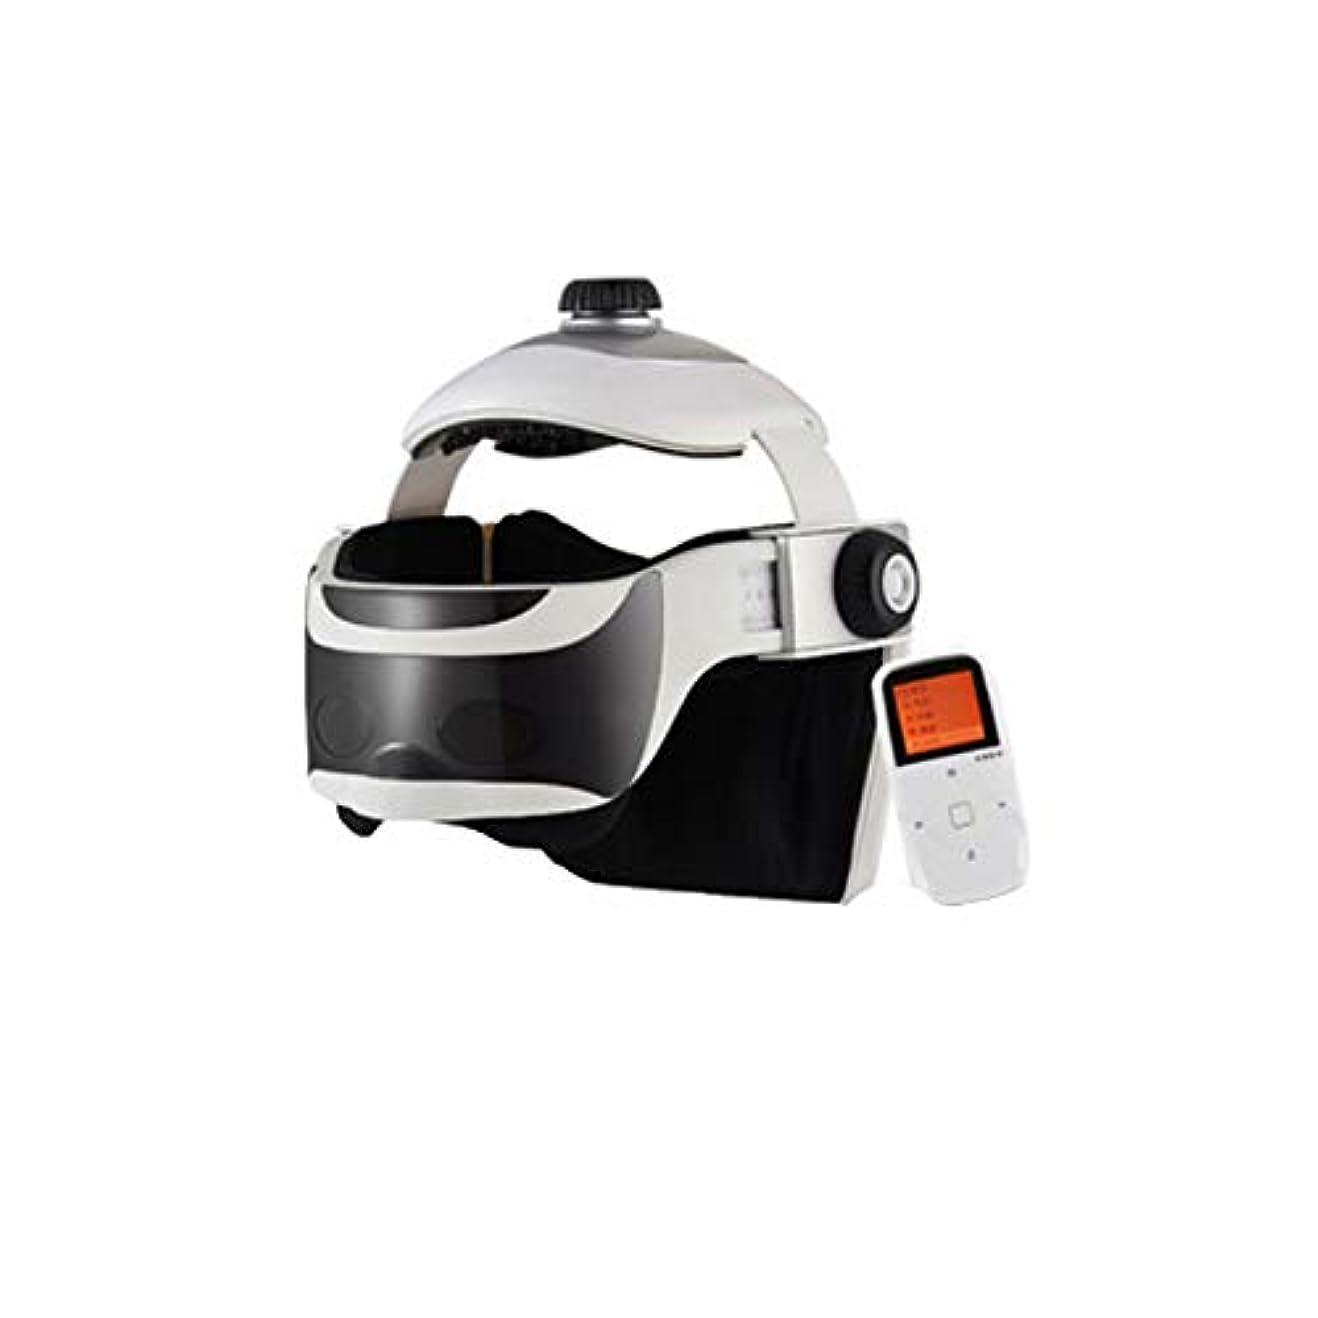 ベックス窒素レクリエーションマッサージャー - マッサージャーホーム練り頭皮マッサージヘルメット (色 : Wireless version)